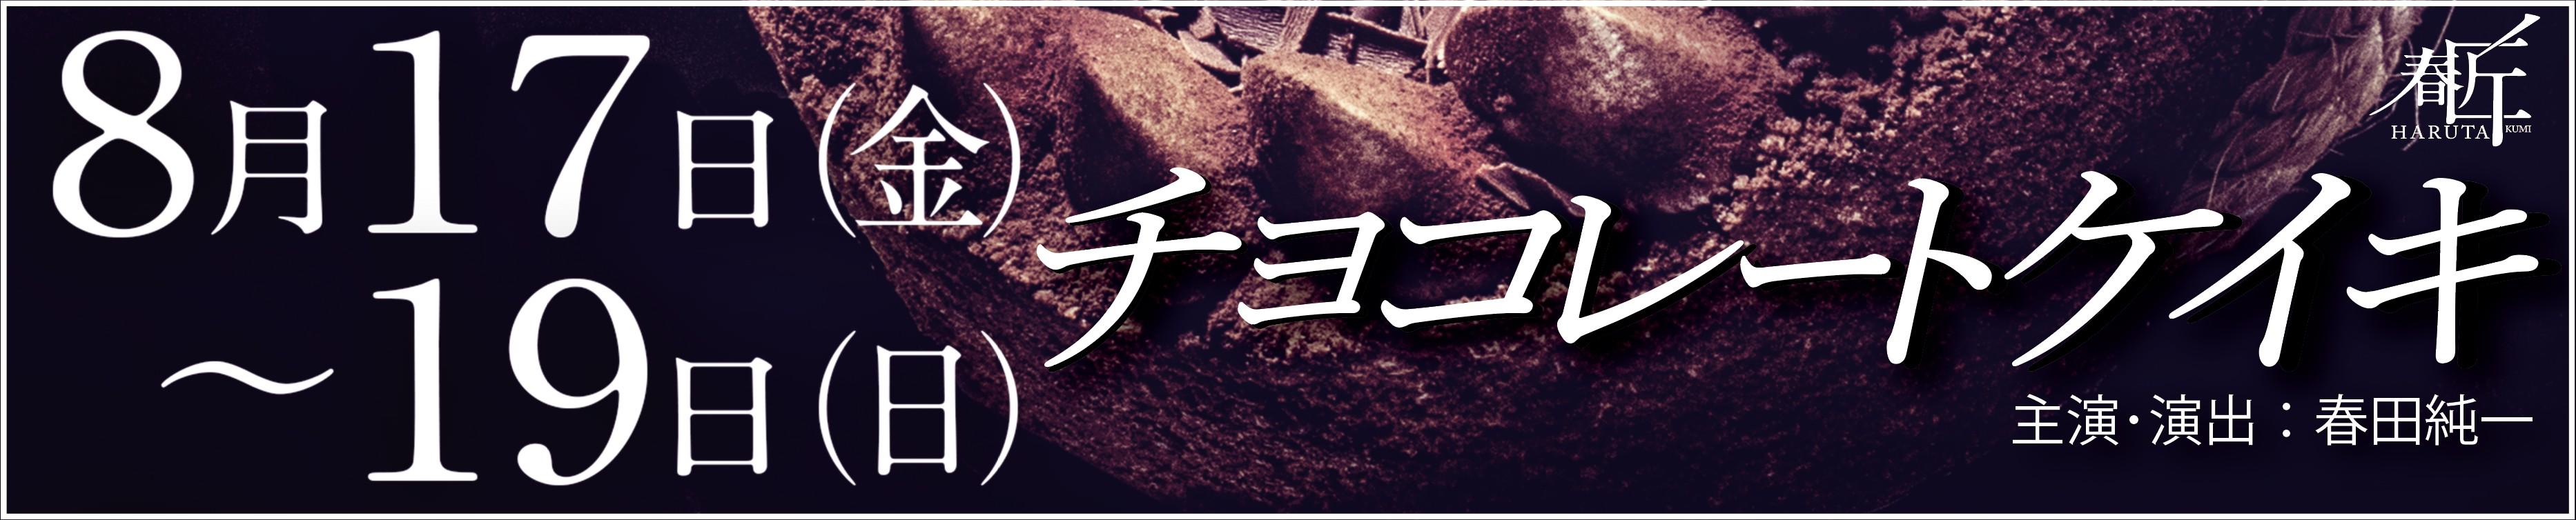 春匠 -HARUTAKUMI- 『チョコレートケイキ』